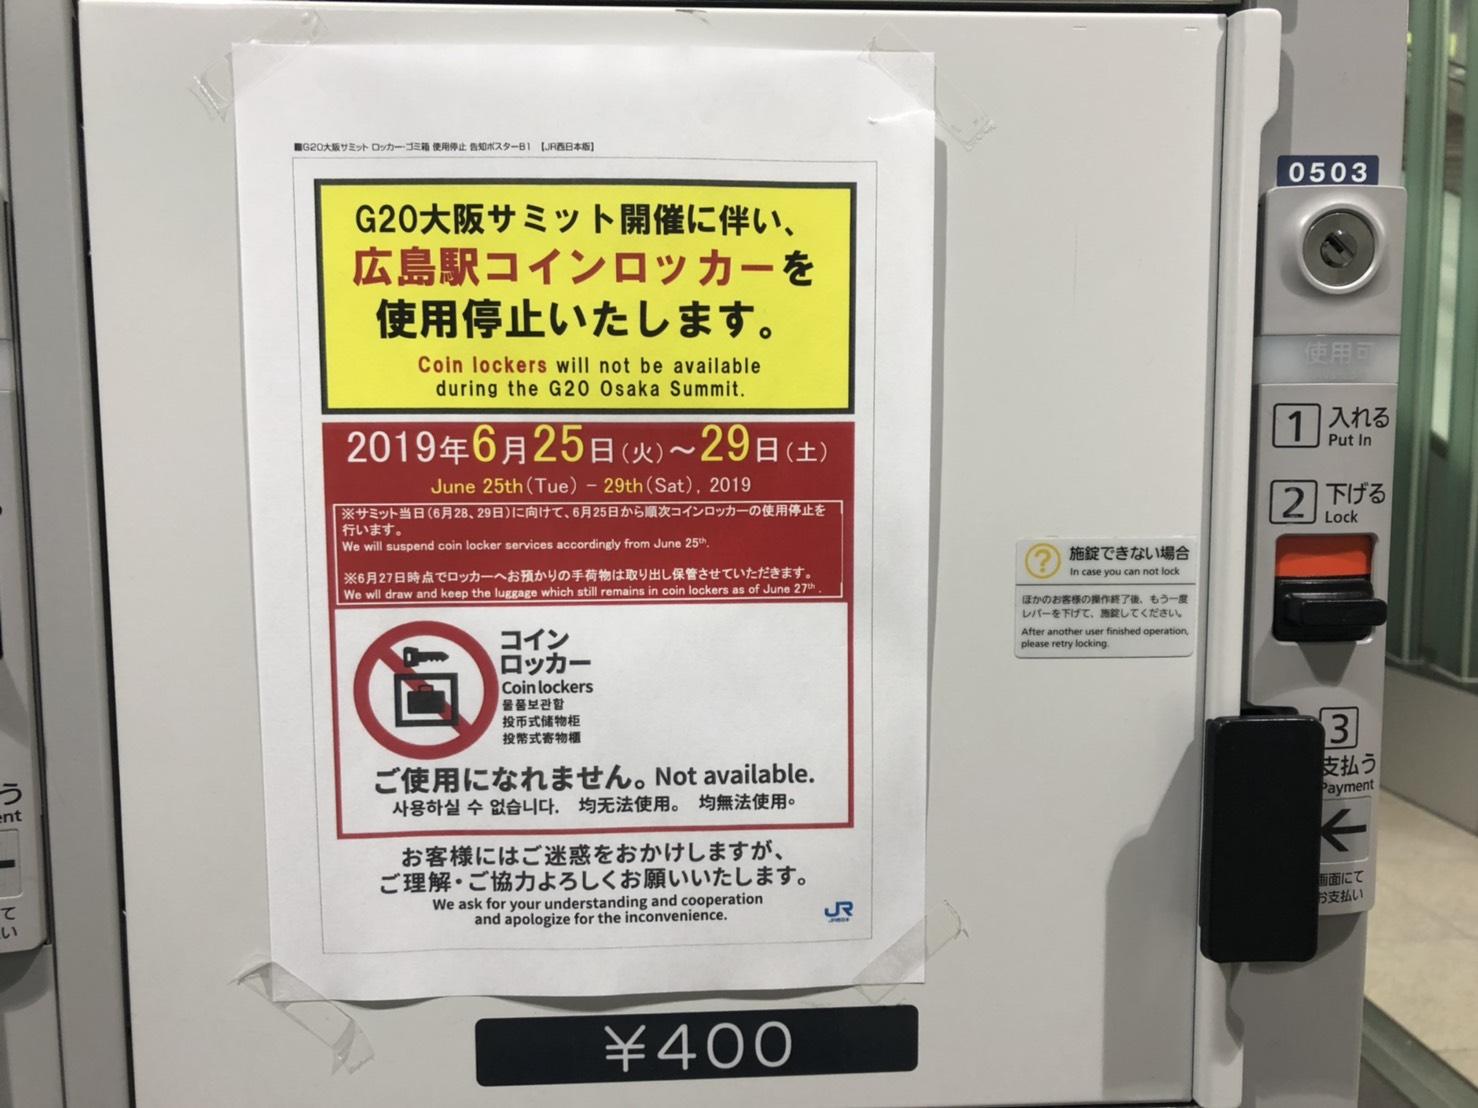 2019年6月25日〜6月29日の間【広島駅のコインロッカー】は使用できません。ekie前の手荷物預かり所は営業していらっしゃるそう